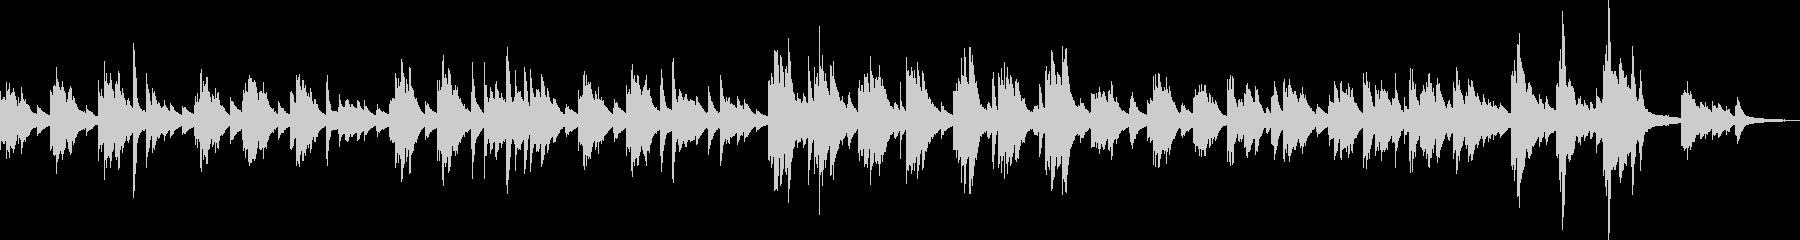 Piano piece of regret / confession's unreproduced waveform